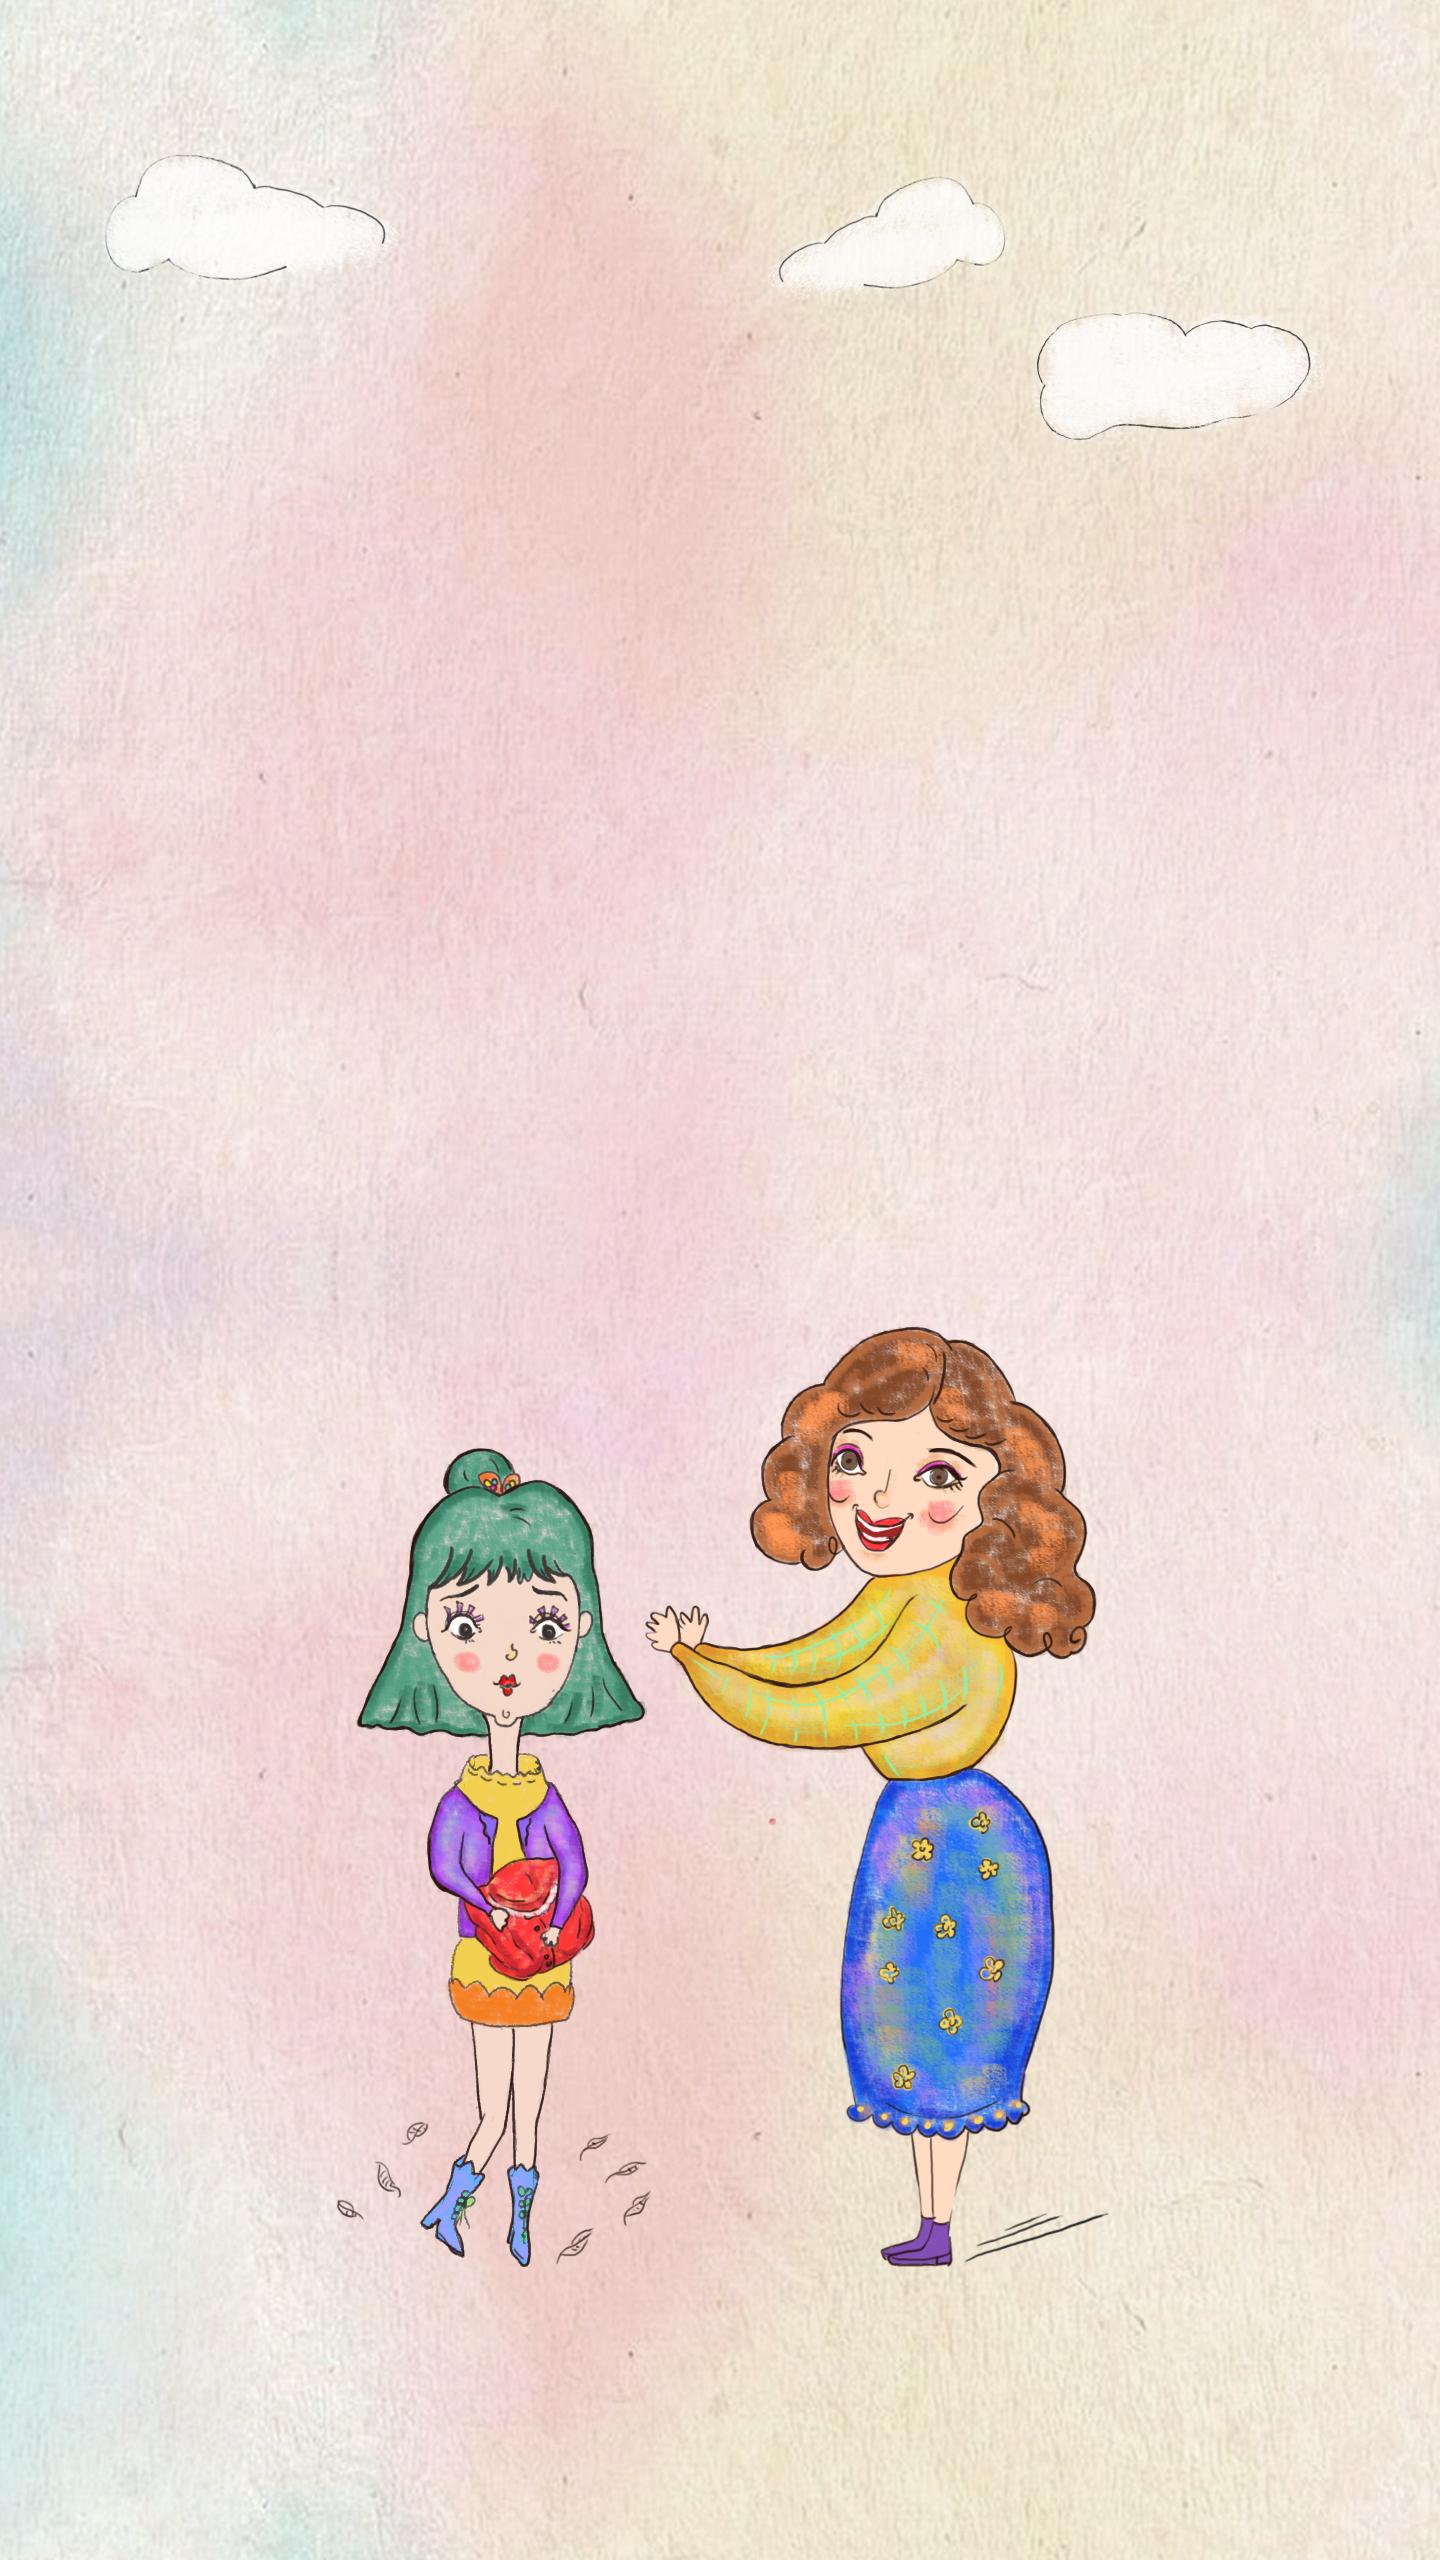 爱妈妈-原创手绘